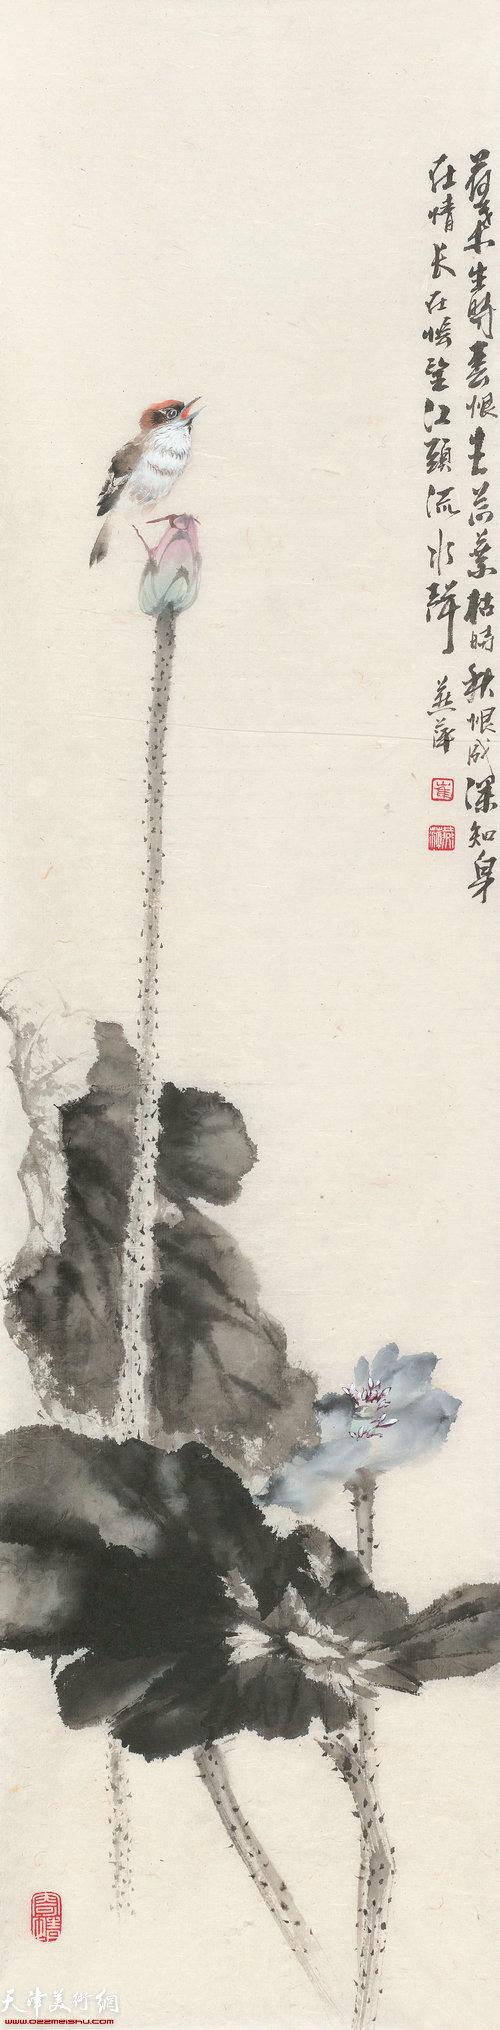 崔燕萍作品:四扇屏 之三